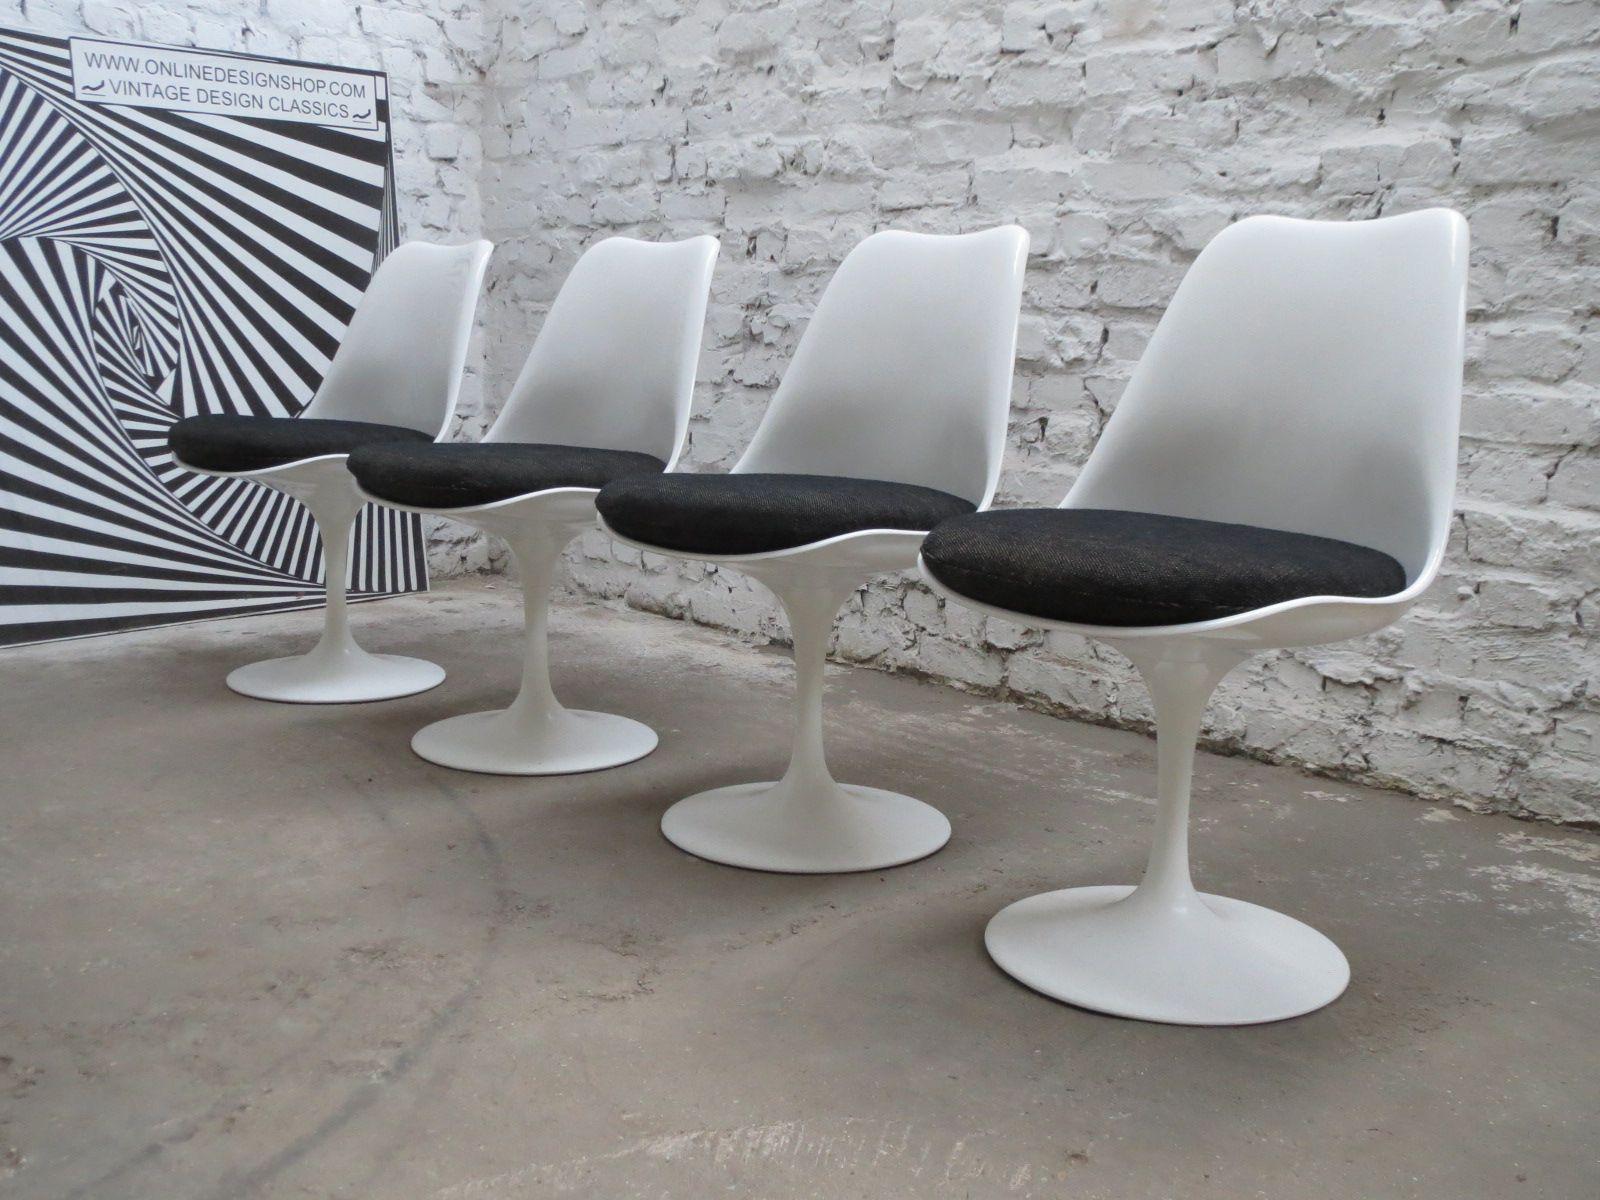 Saarinen Tavolo ~ Knoll tavolo saarinen home & design pinterest tables and room